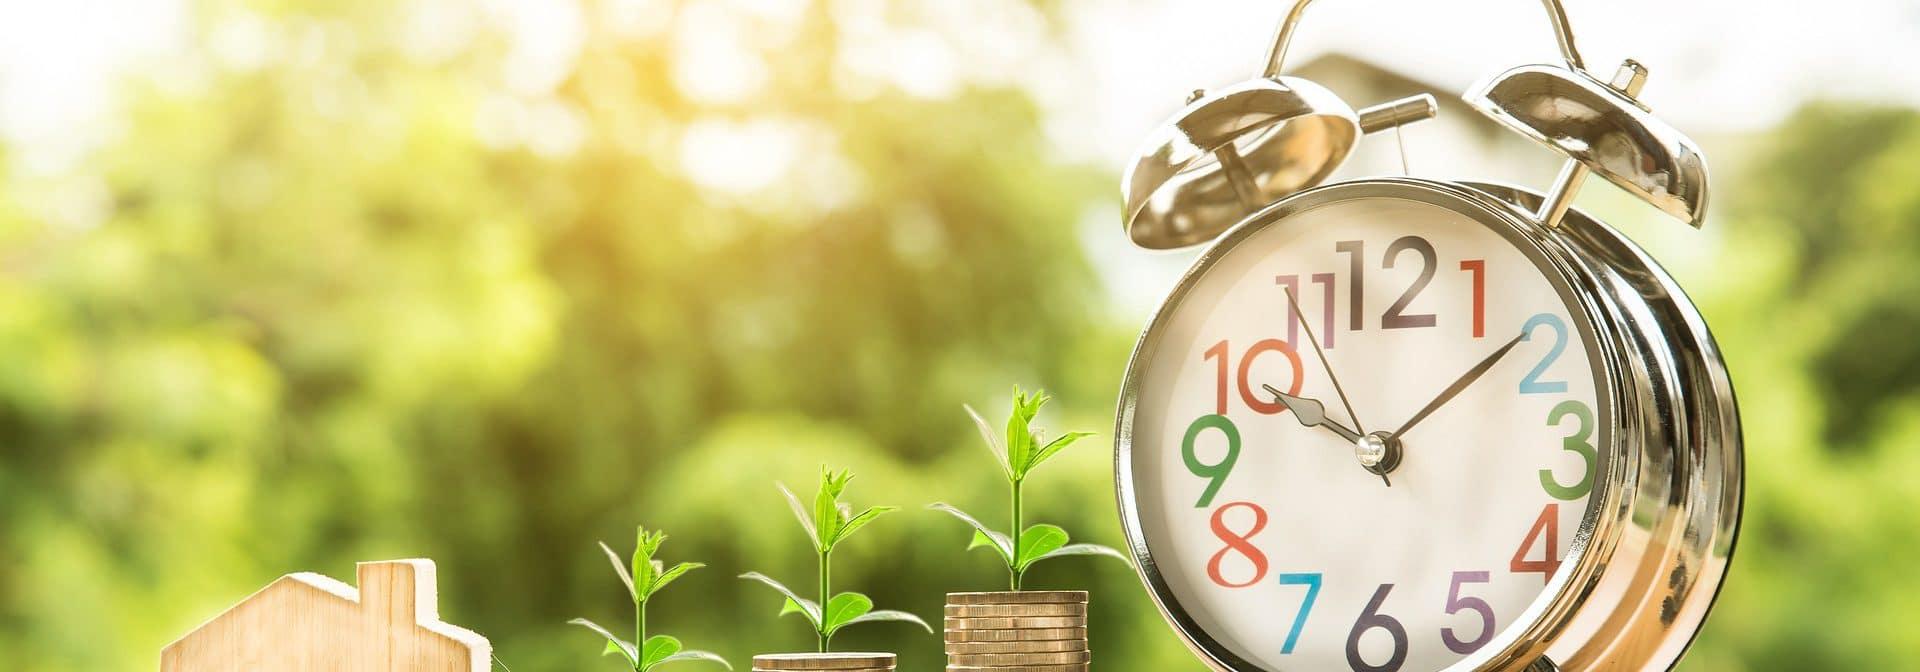 groei financieren met factoring